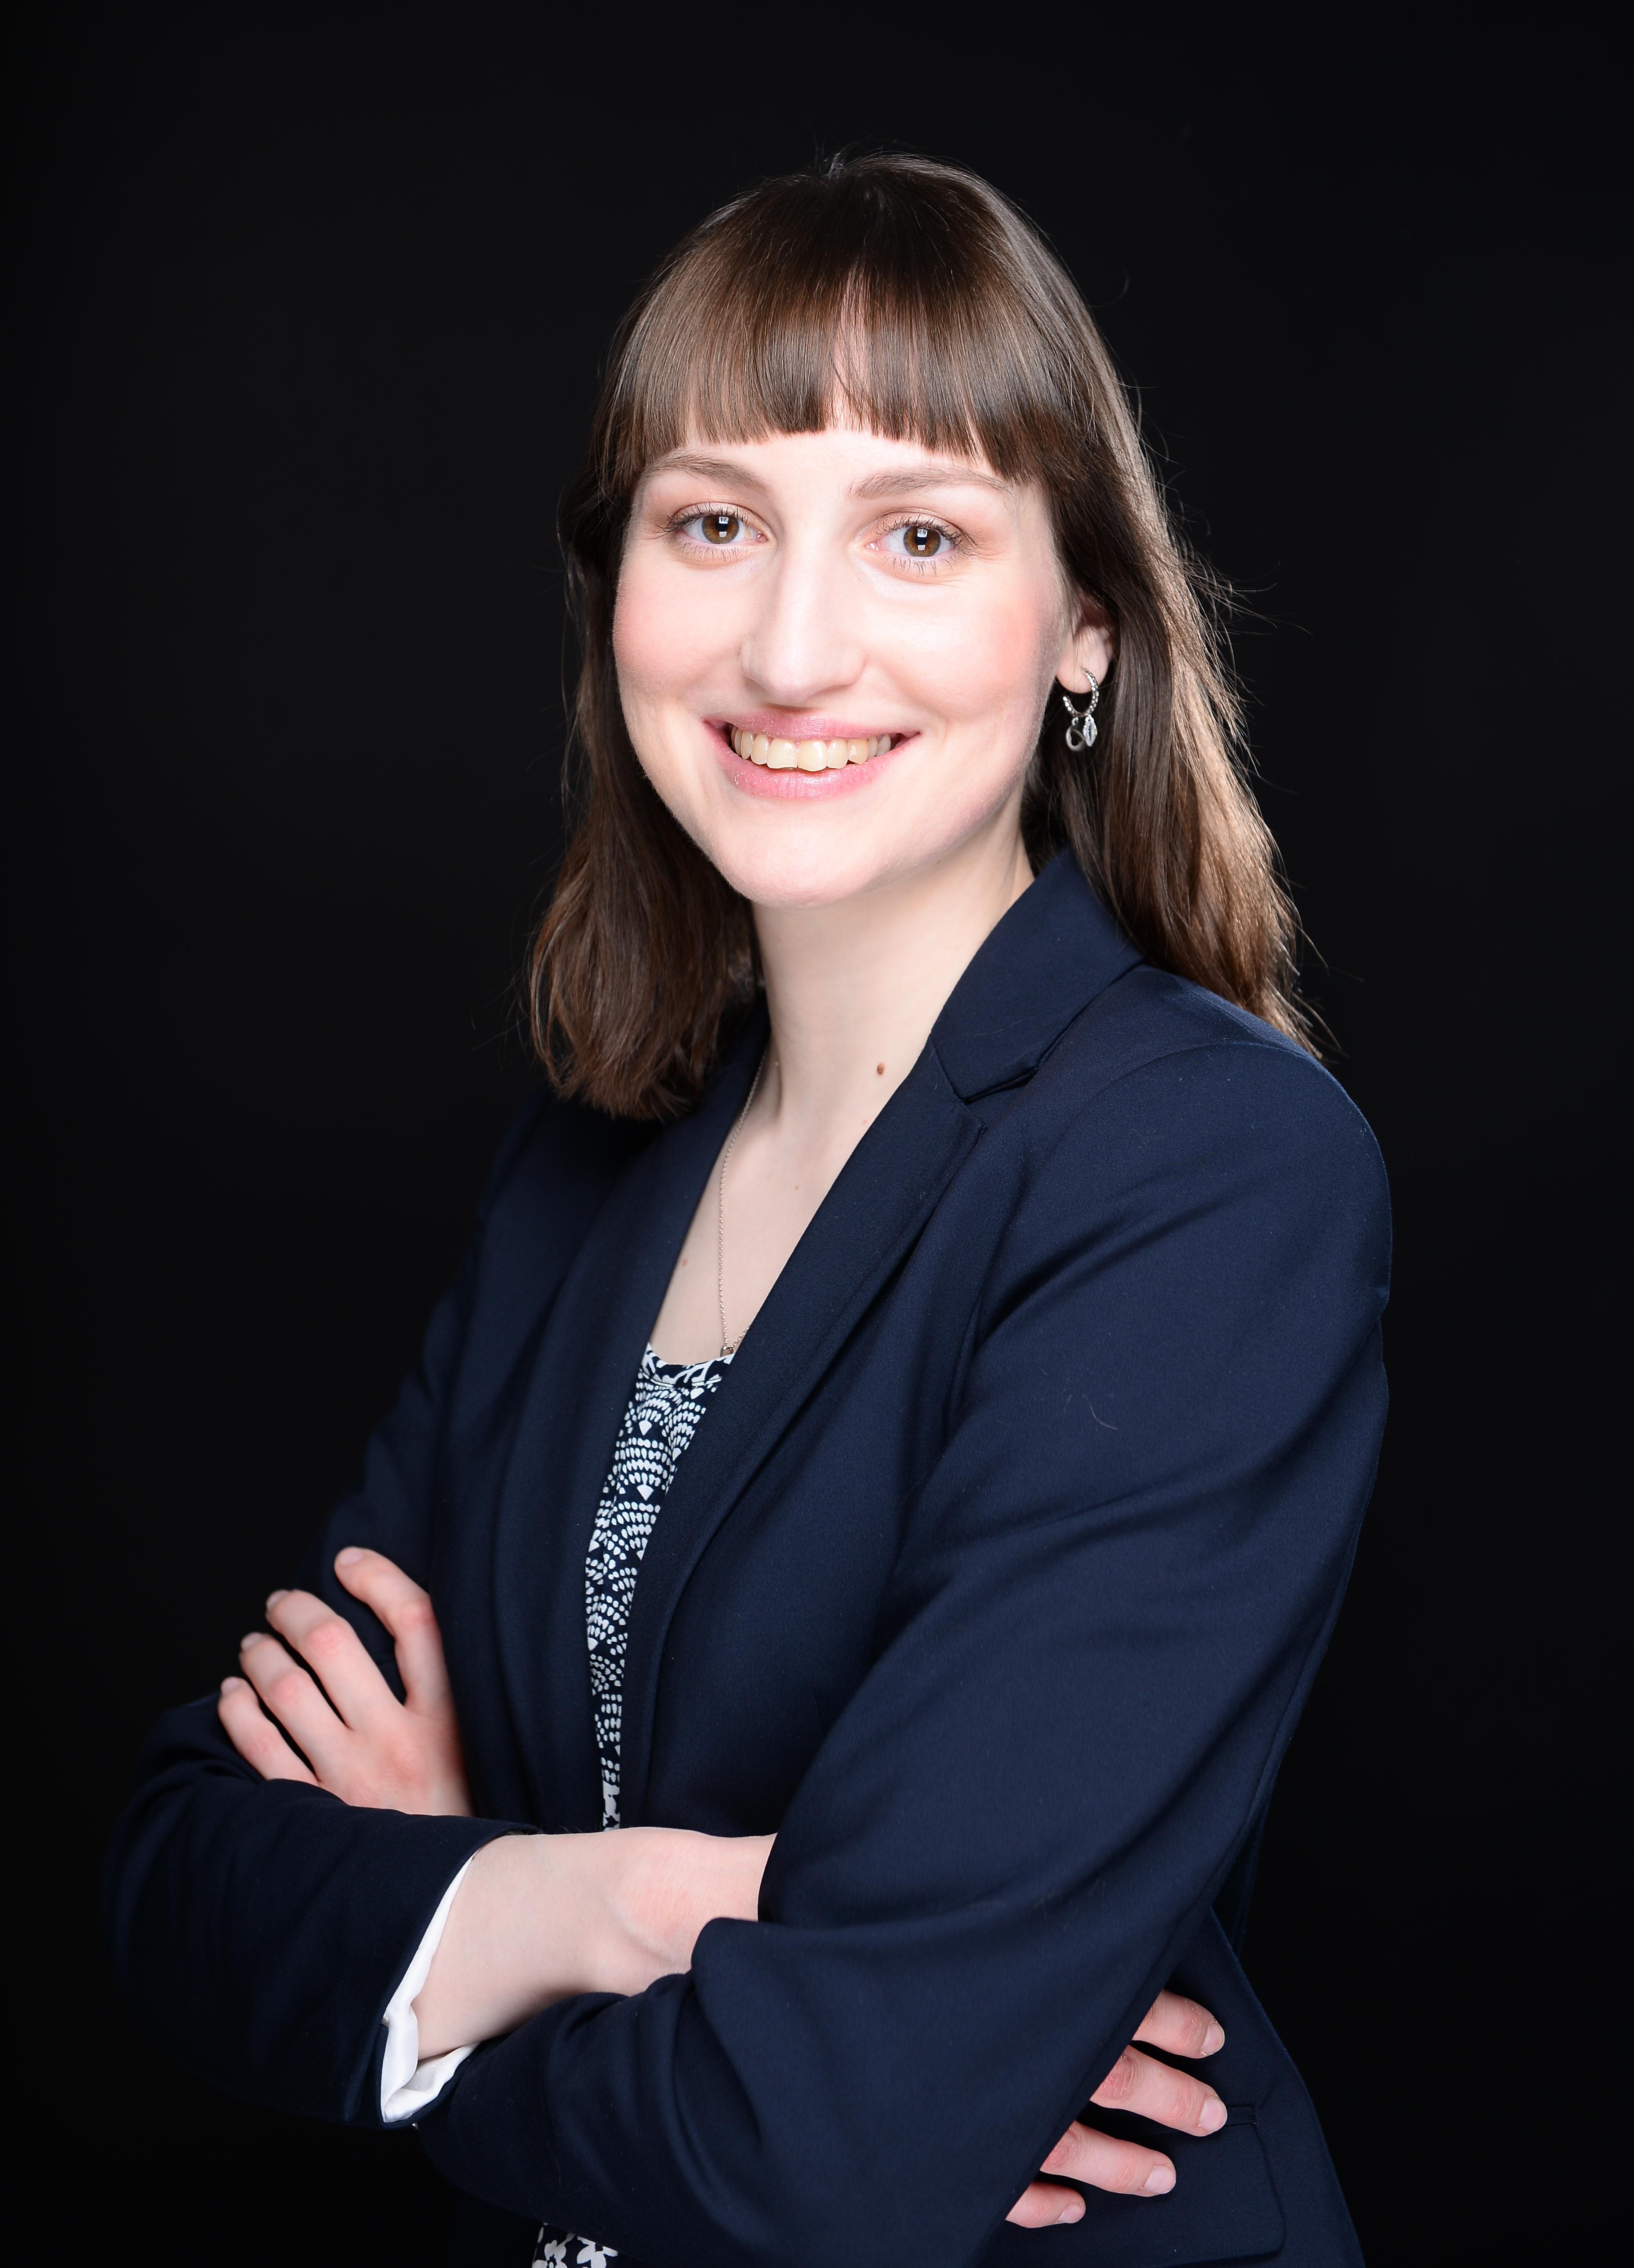 Argunova, Dina - Dolmetscherin und Übersetzerin für Russisch, Deutsch, Englisch